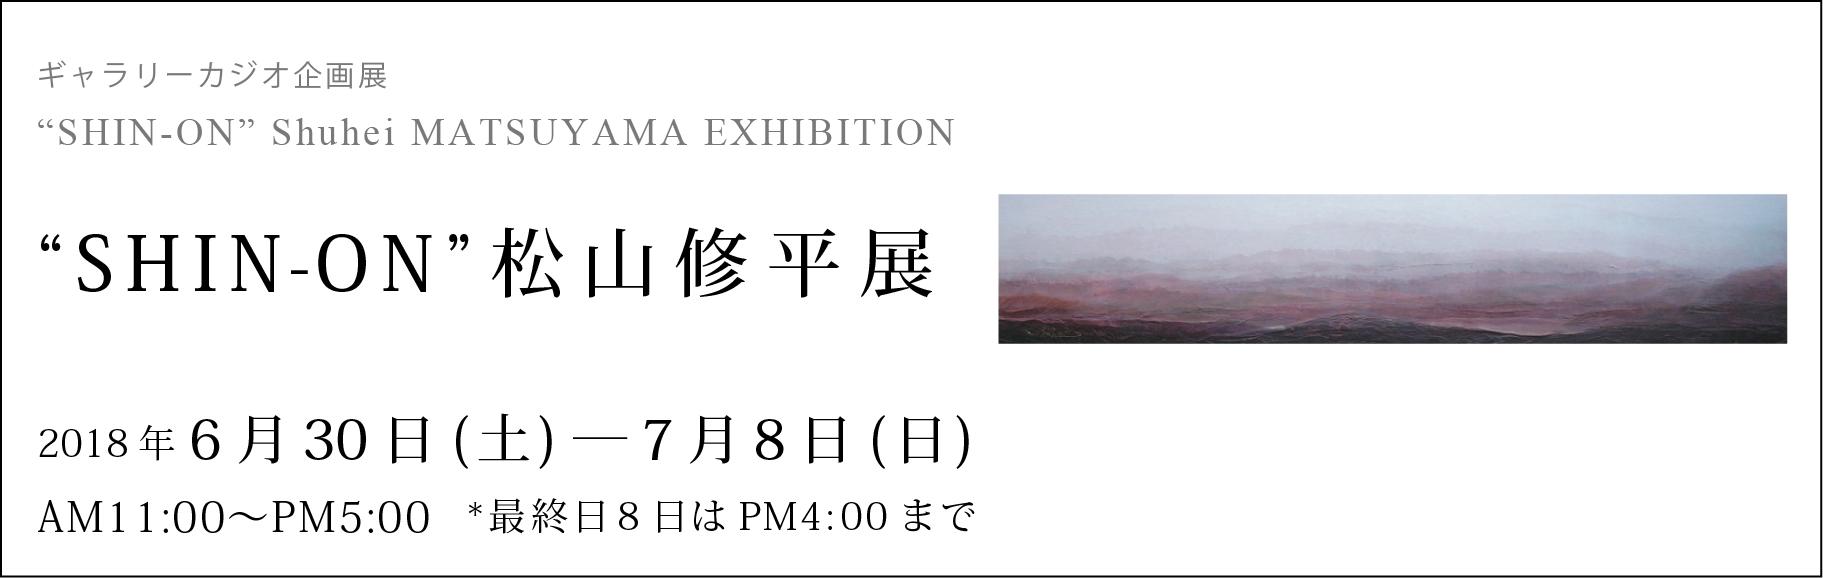 matsuyama_2018-06-07